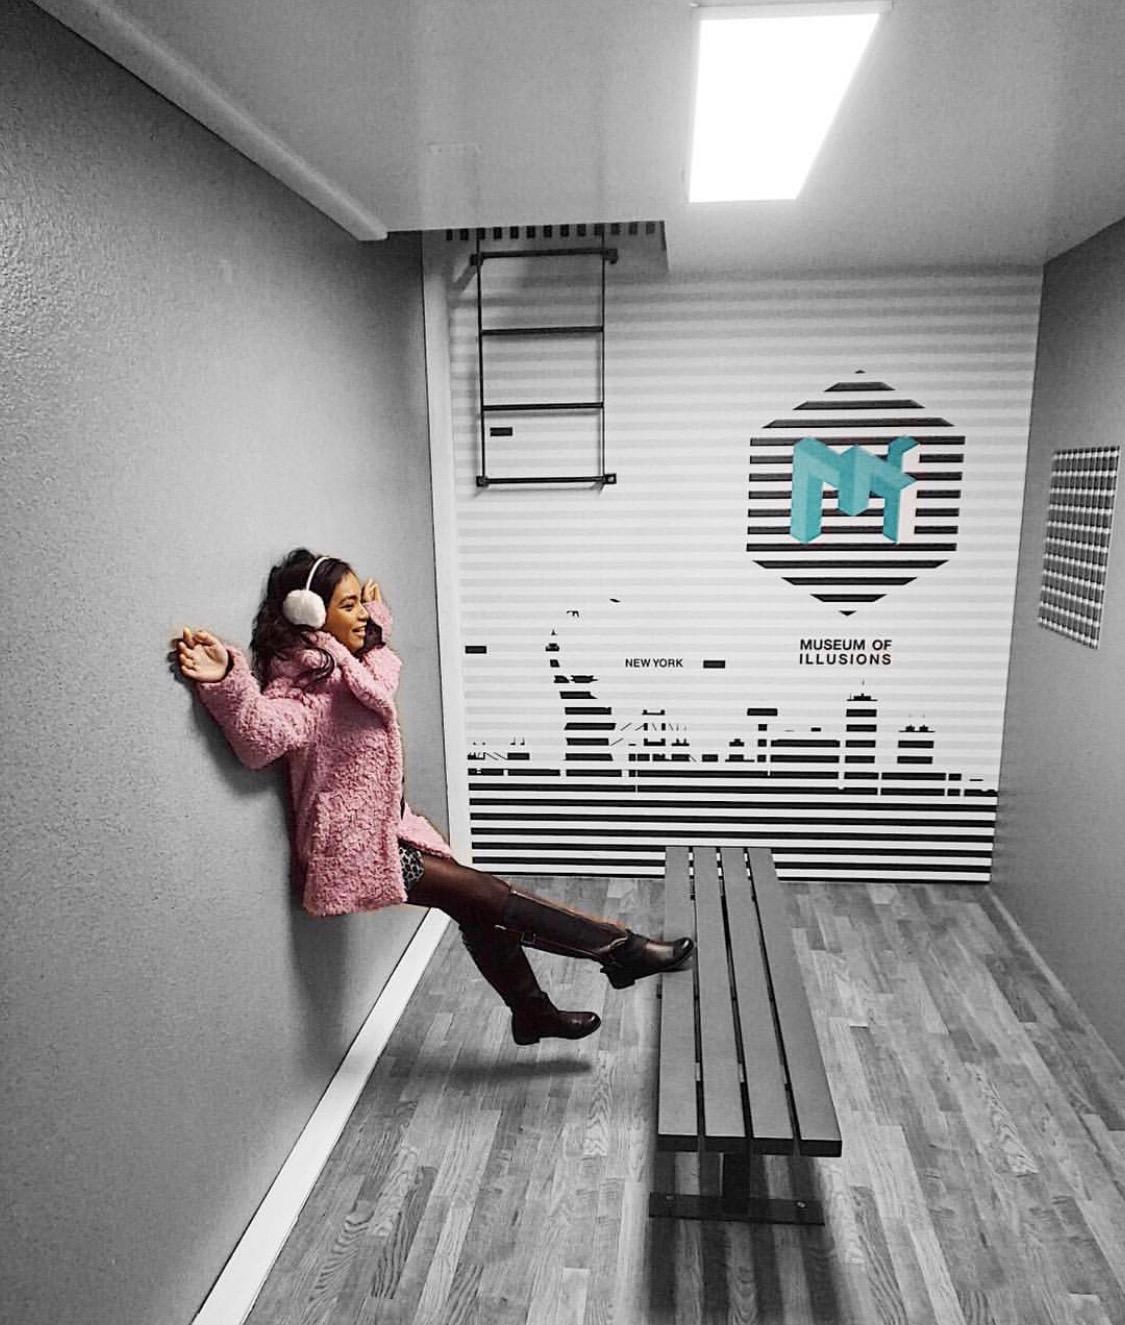 Linda Tran in Museum of Illusions in New York